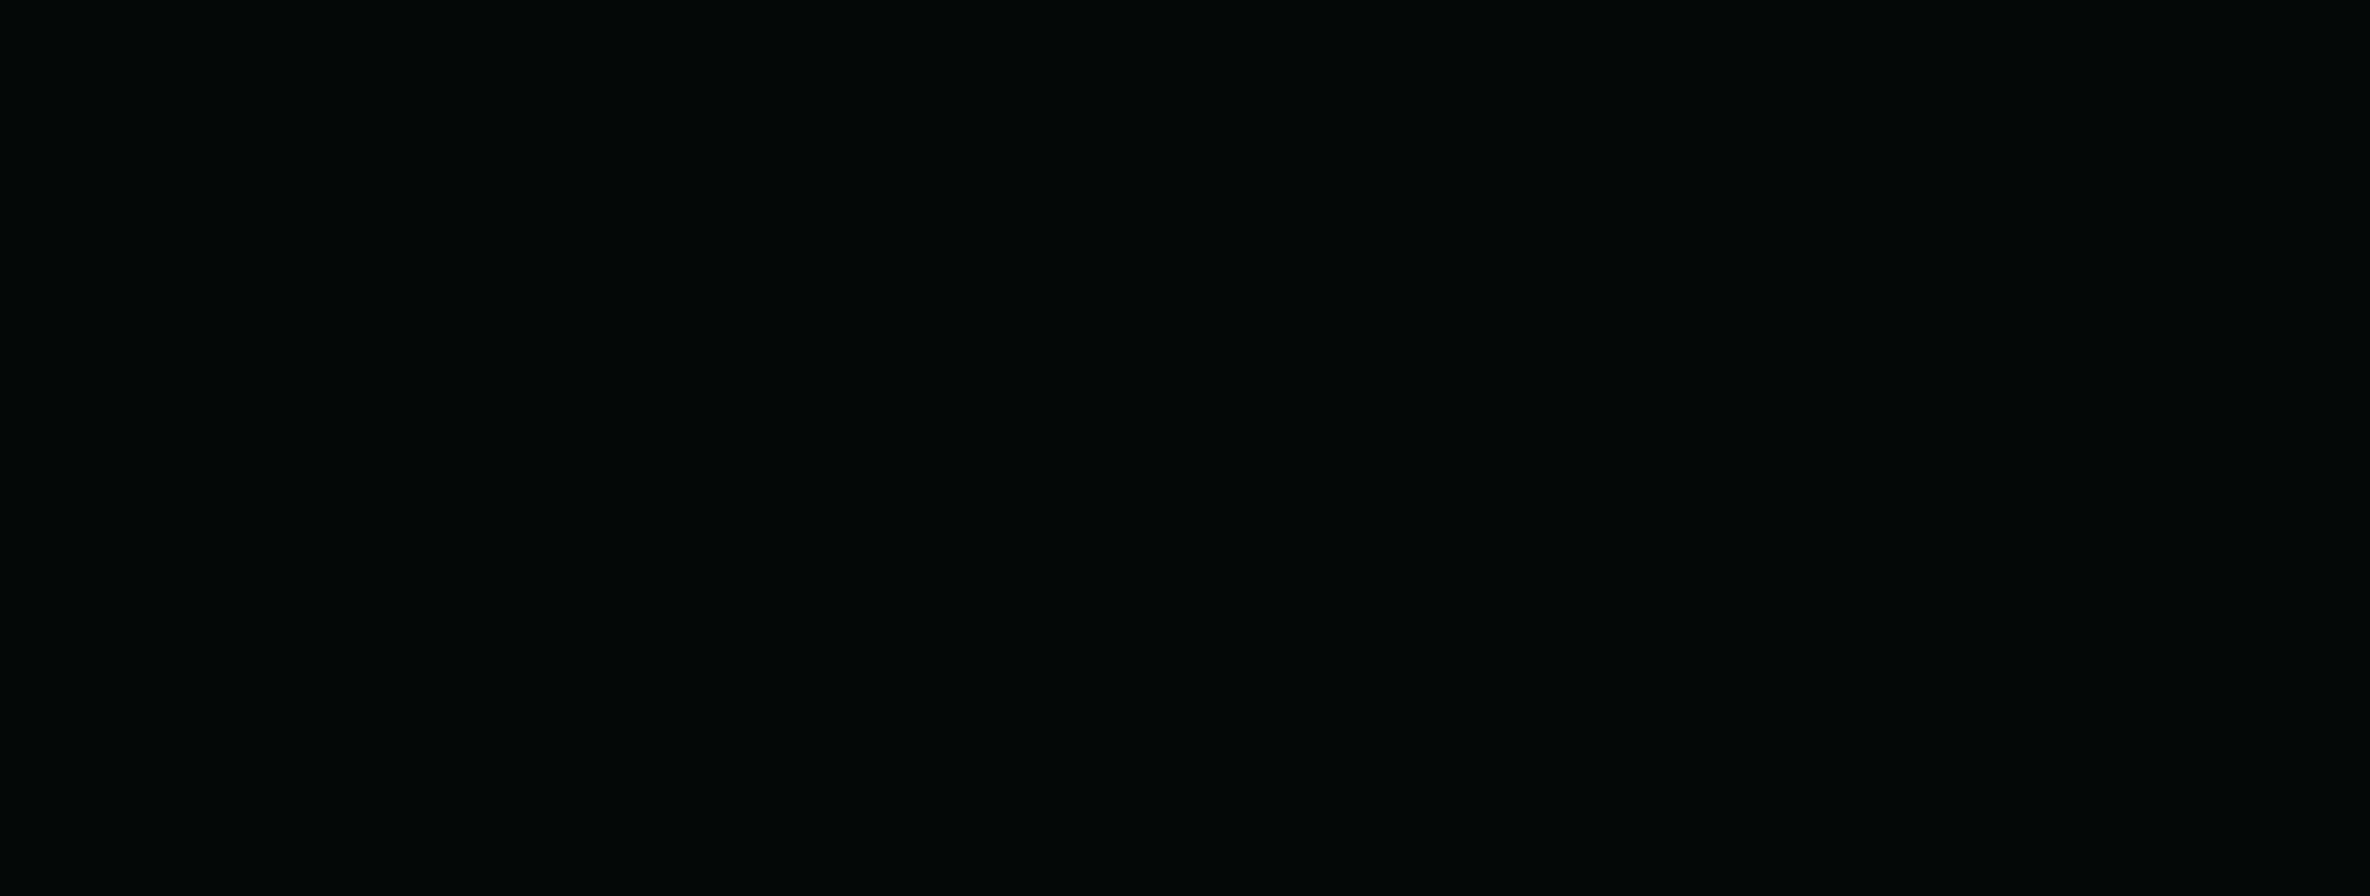 GlyMed Plus NB Logo 2017 Black.png